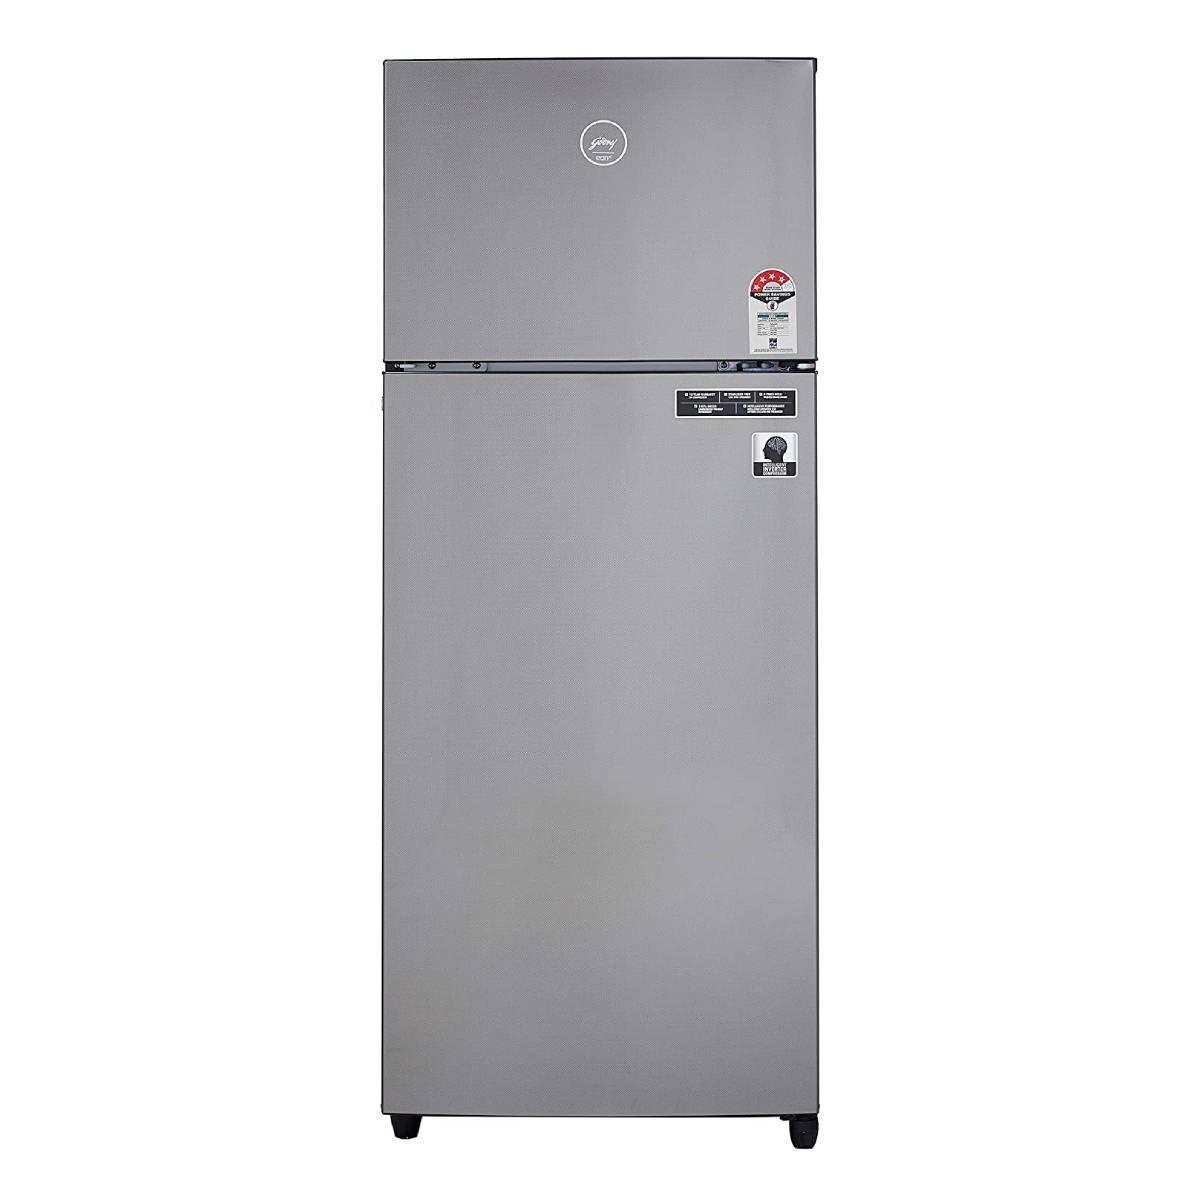 கோத்ரெஜ் 236 L 2 Star Frost-Free Double Door Refrigerator (RF EON 236B 25 HI SI ST)